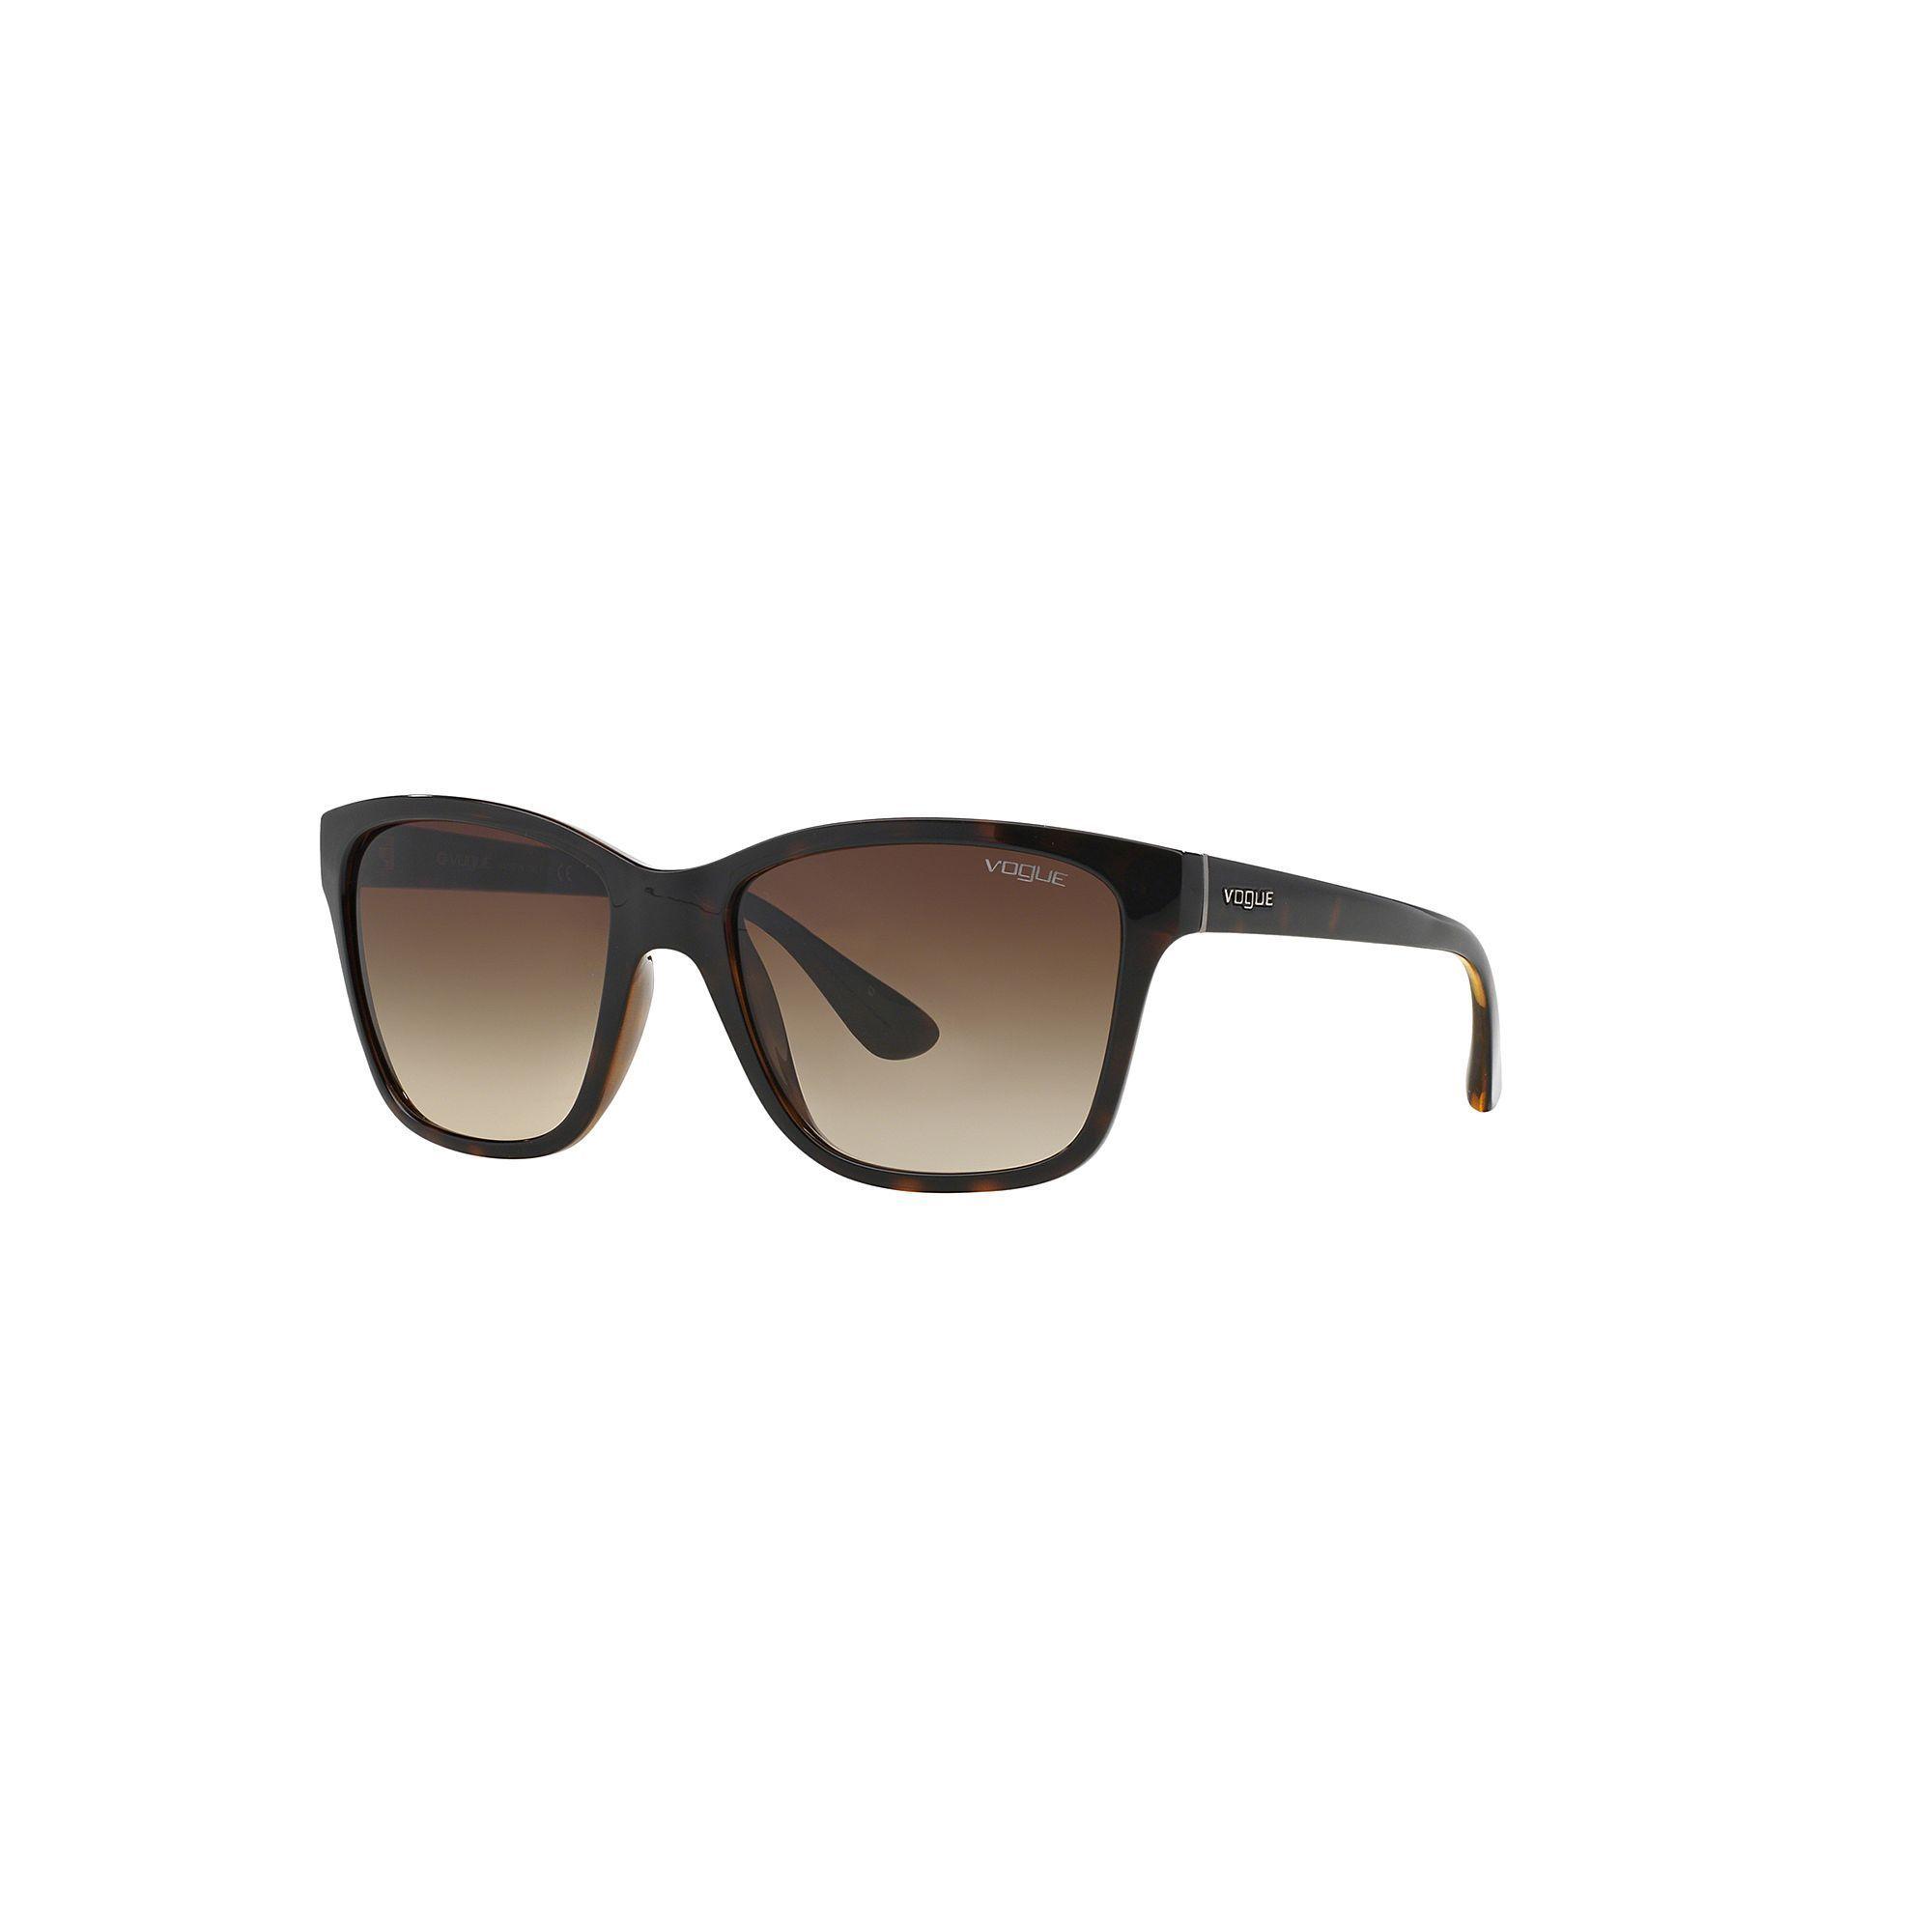 12e07116122 Vogue VO2896S 54mm Square Gradient Sunglasses